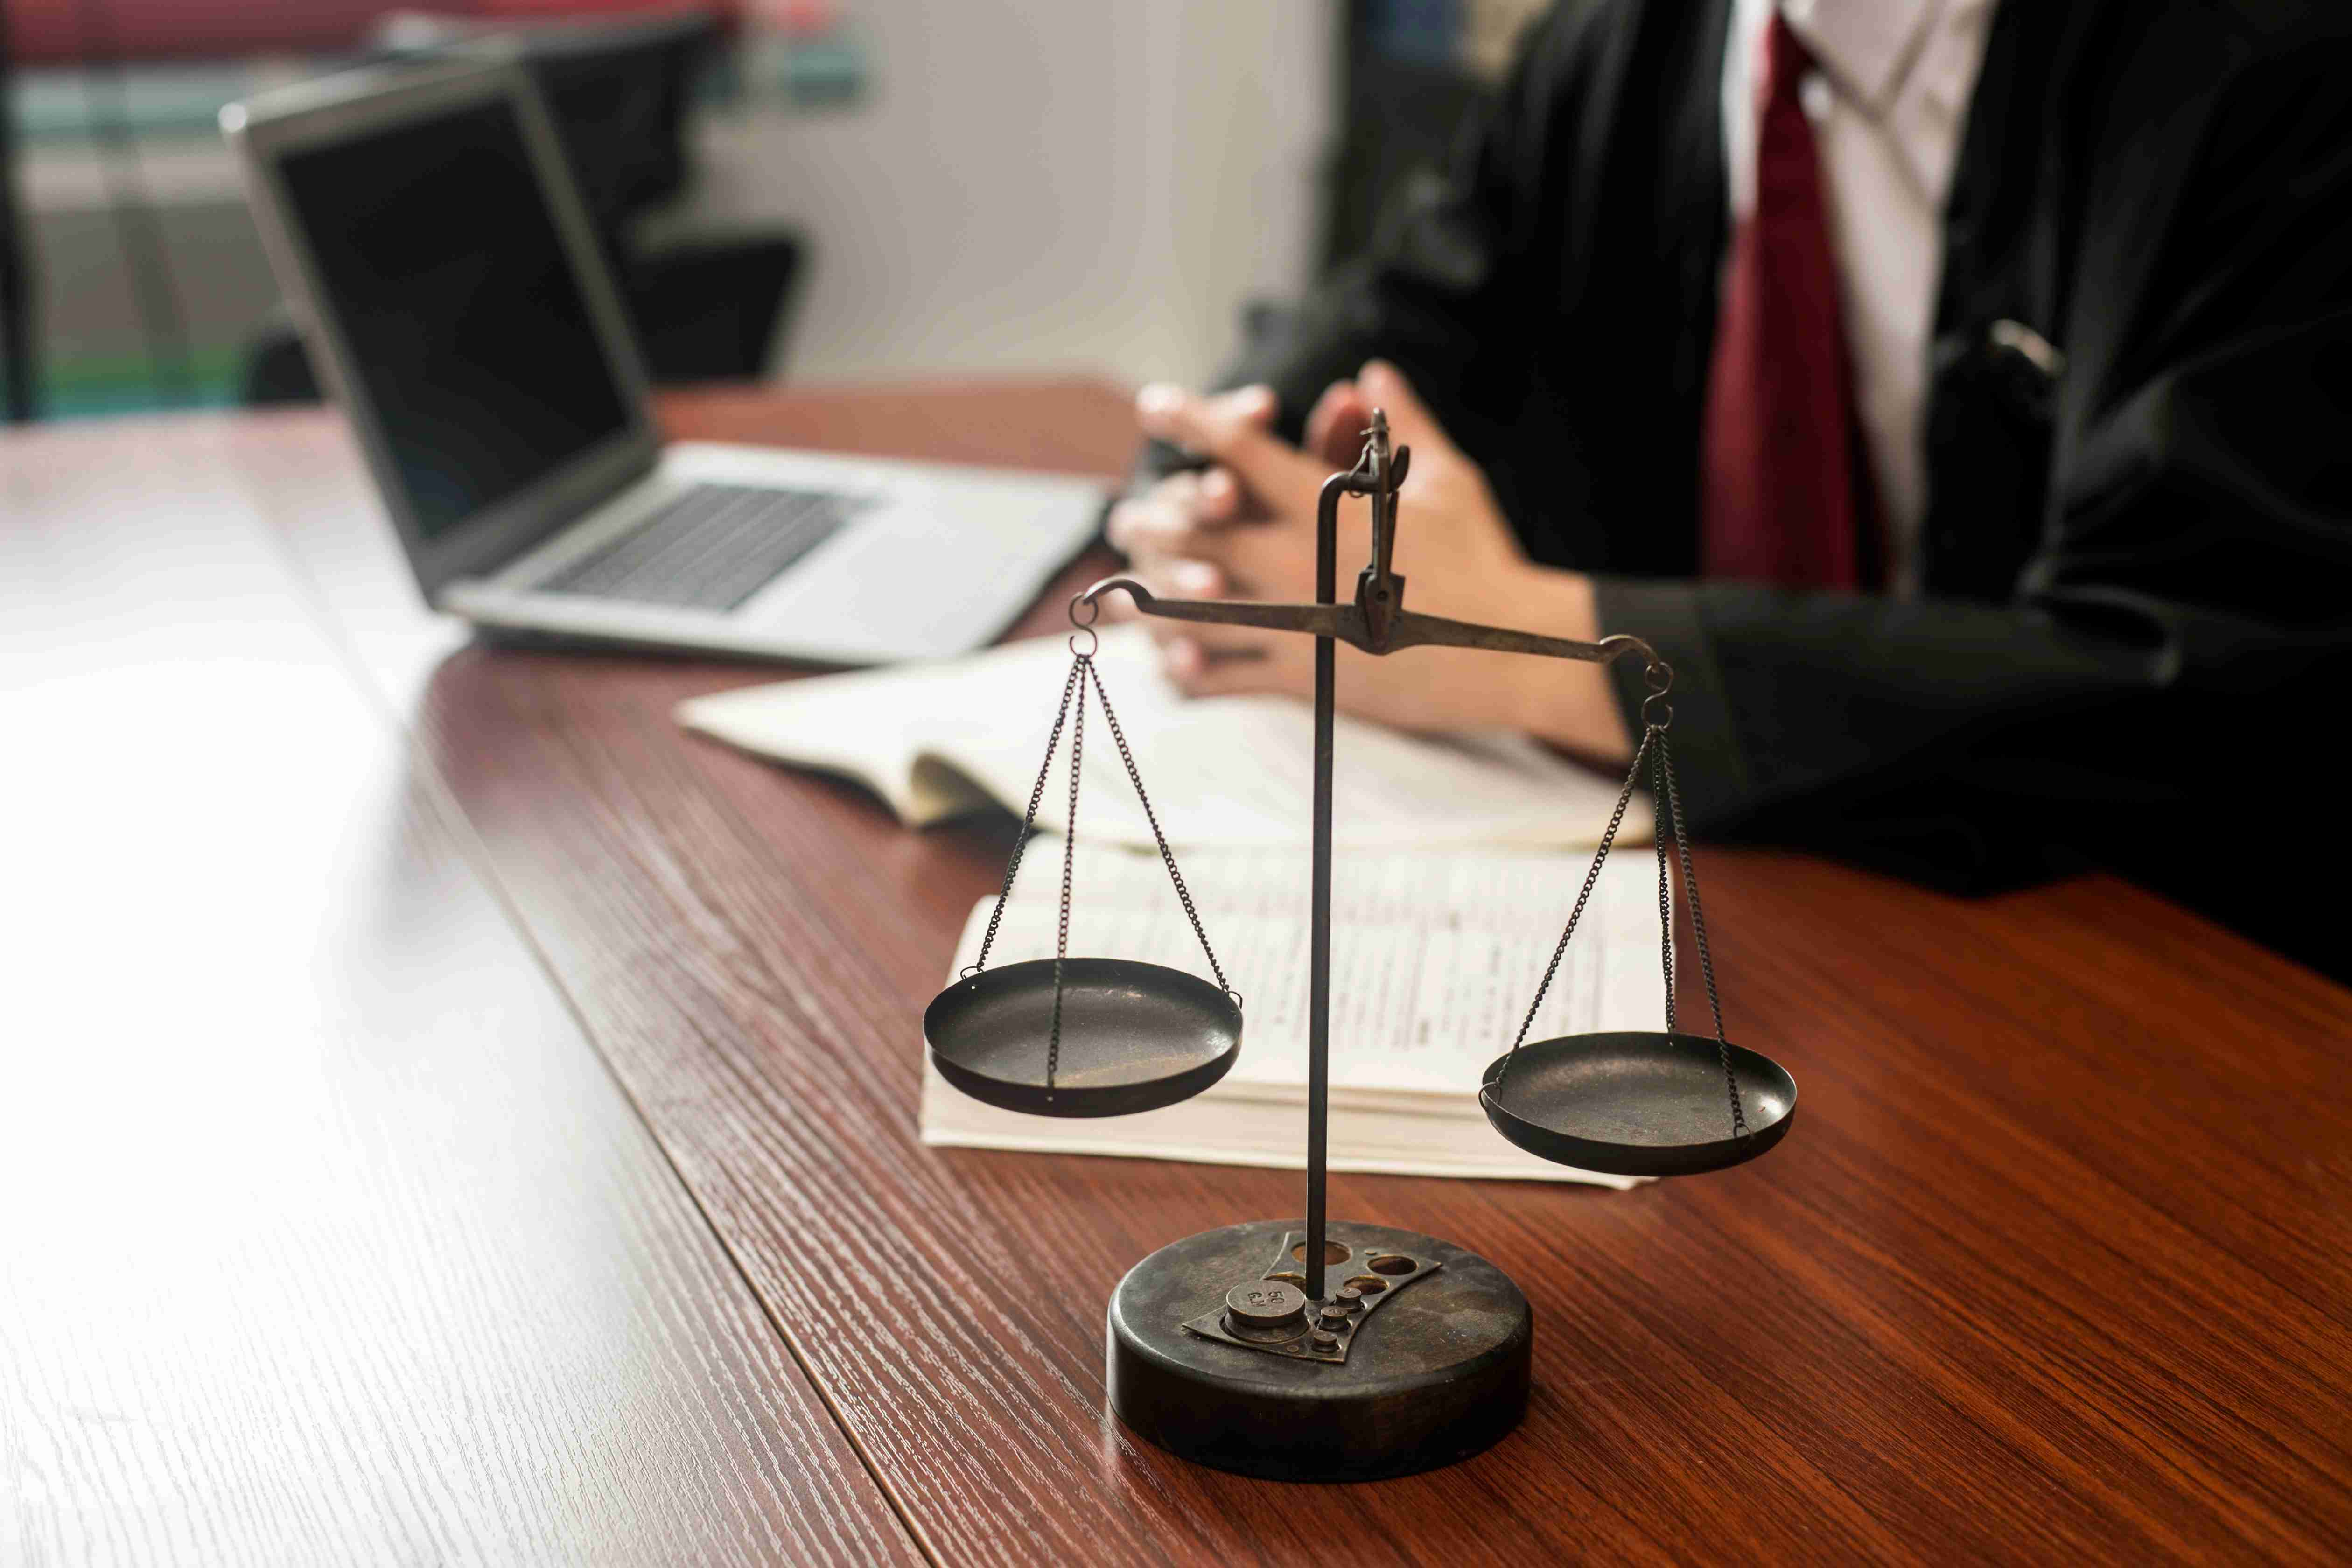 借贷纠纷之借款人故意把出借人名字写错能要回钱吗?